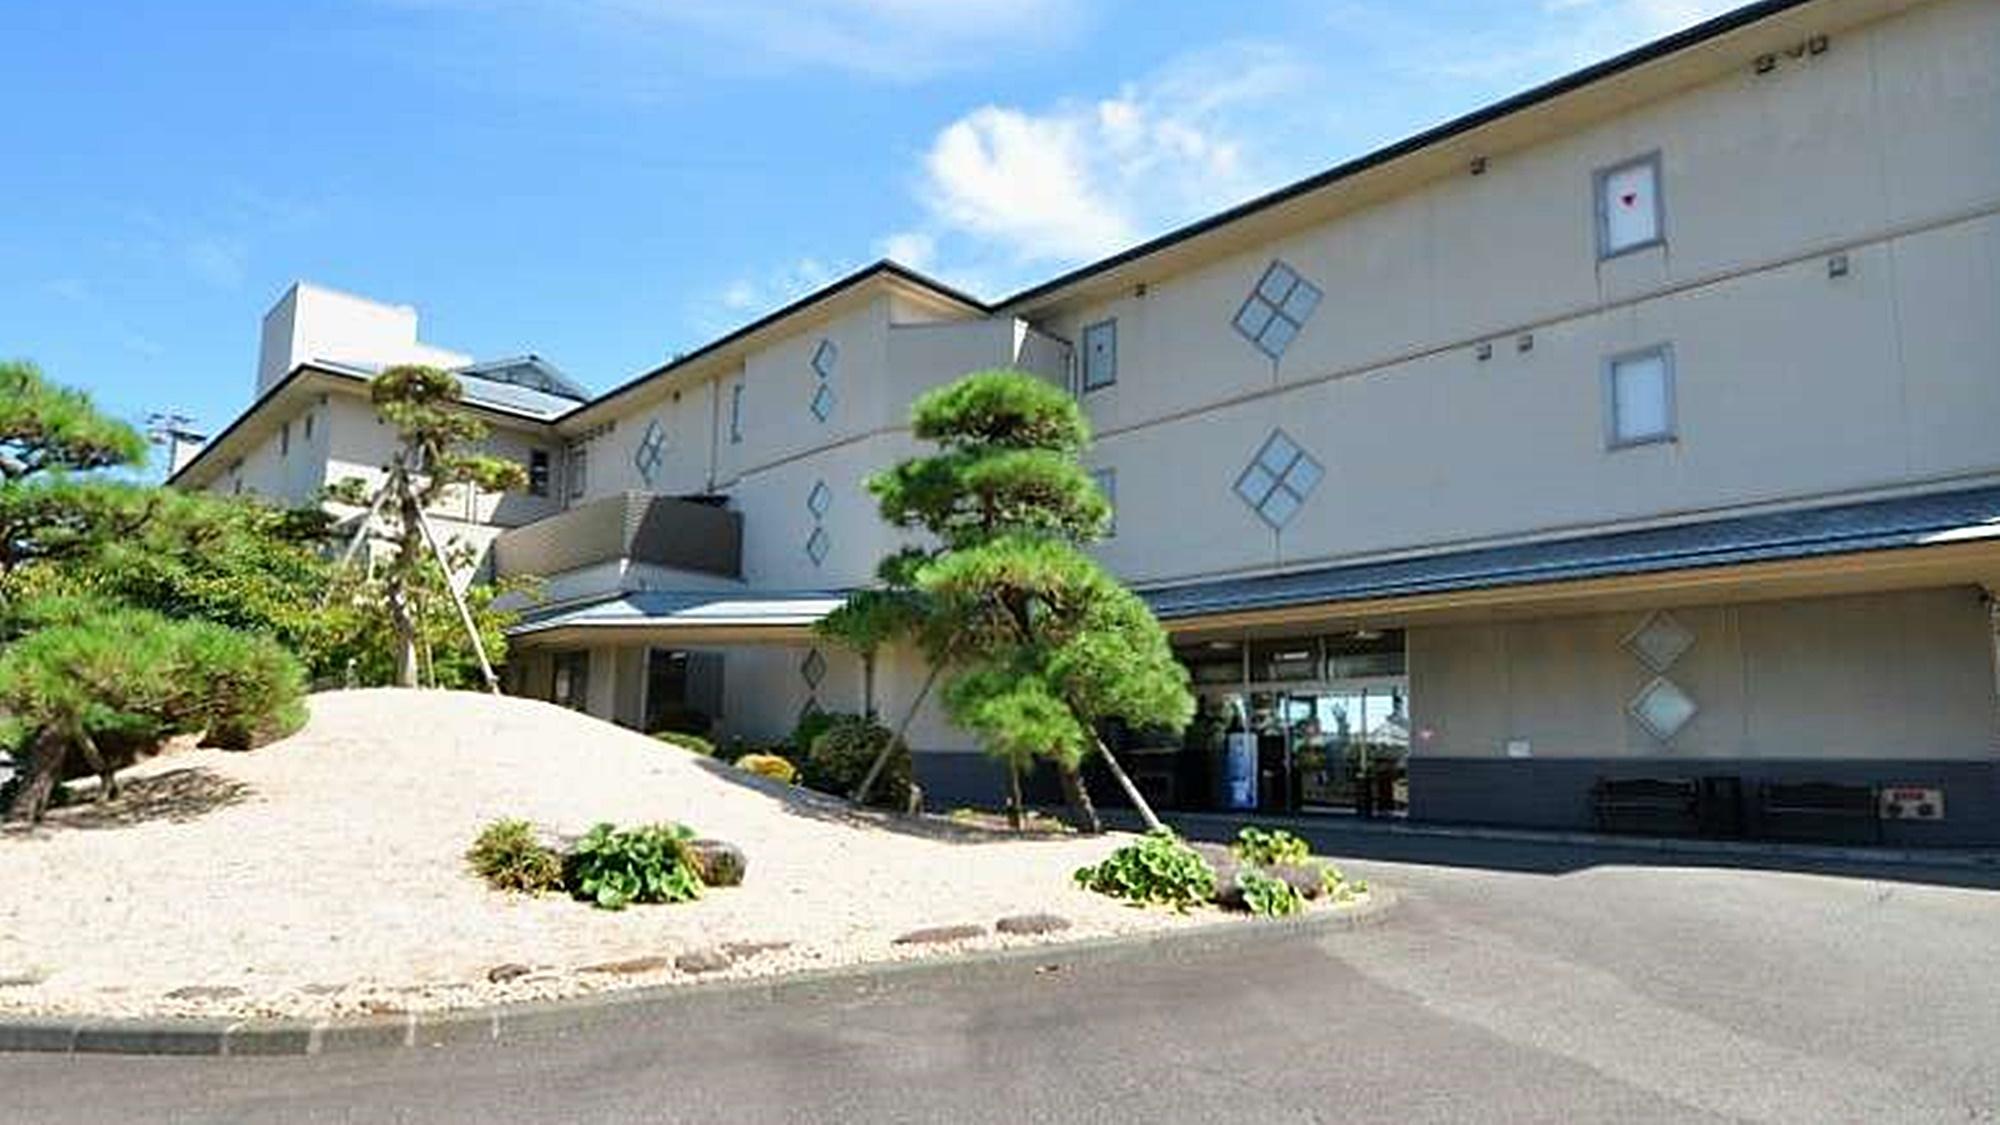 伊豆半島の河津桜まつり周辺で落ち着いた感じで過ごせる温泉宿を教えて下さい。